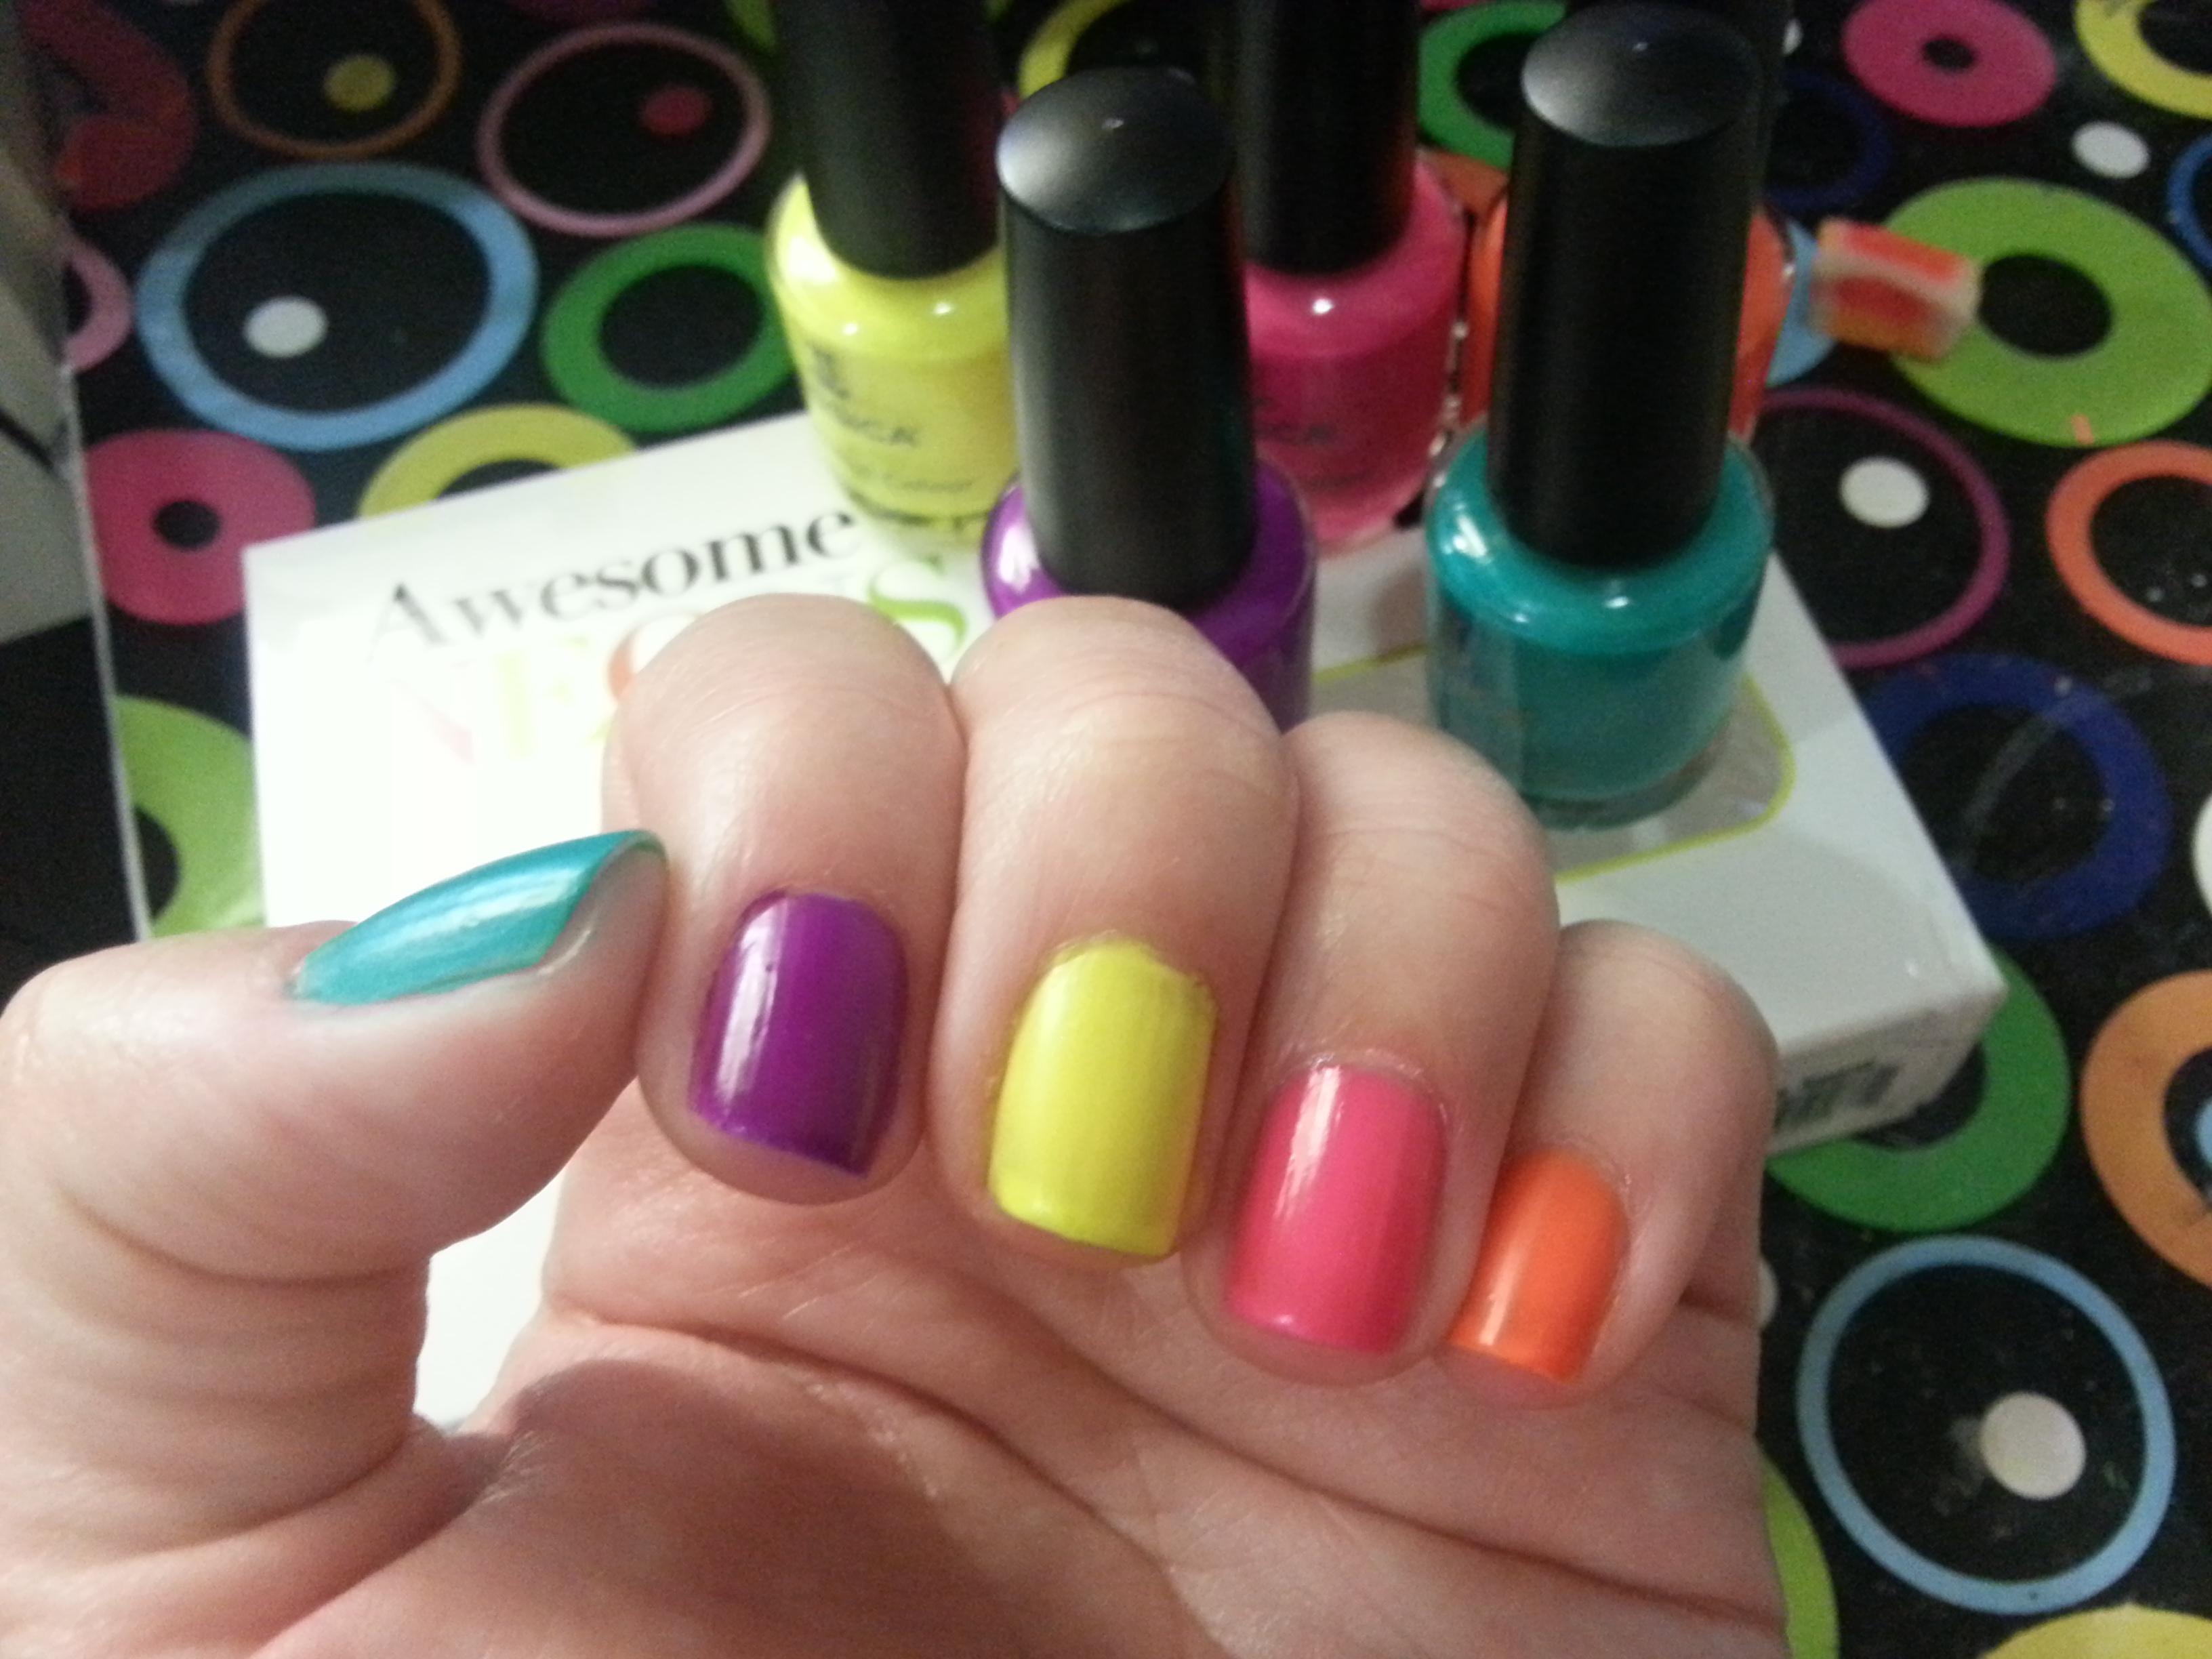 Colores de unas colores de unas dibujos colores vivos - Color de unas de moda ...